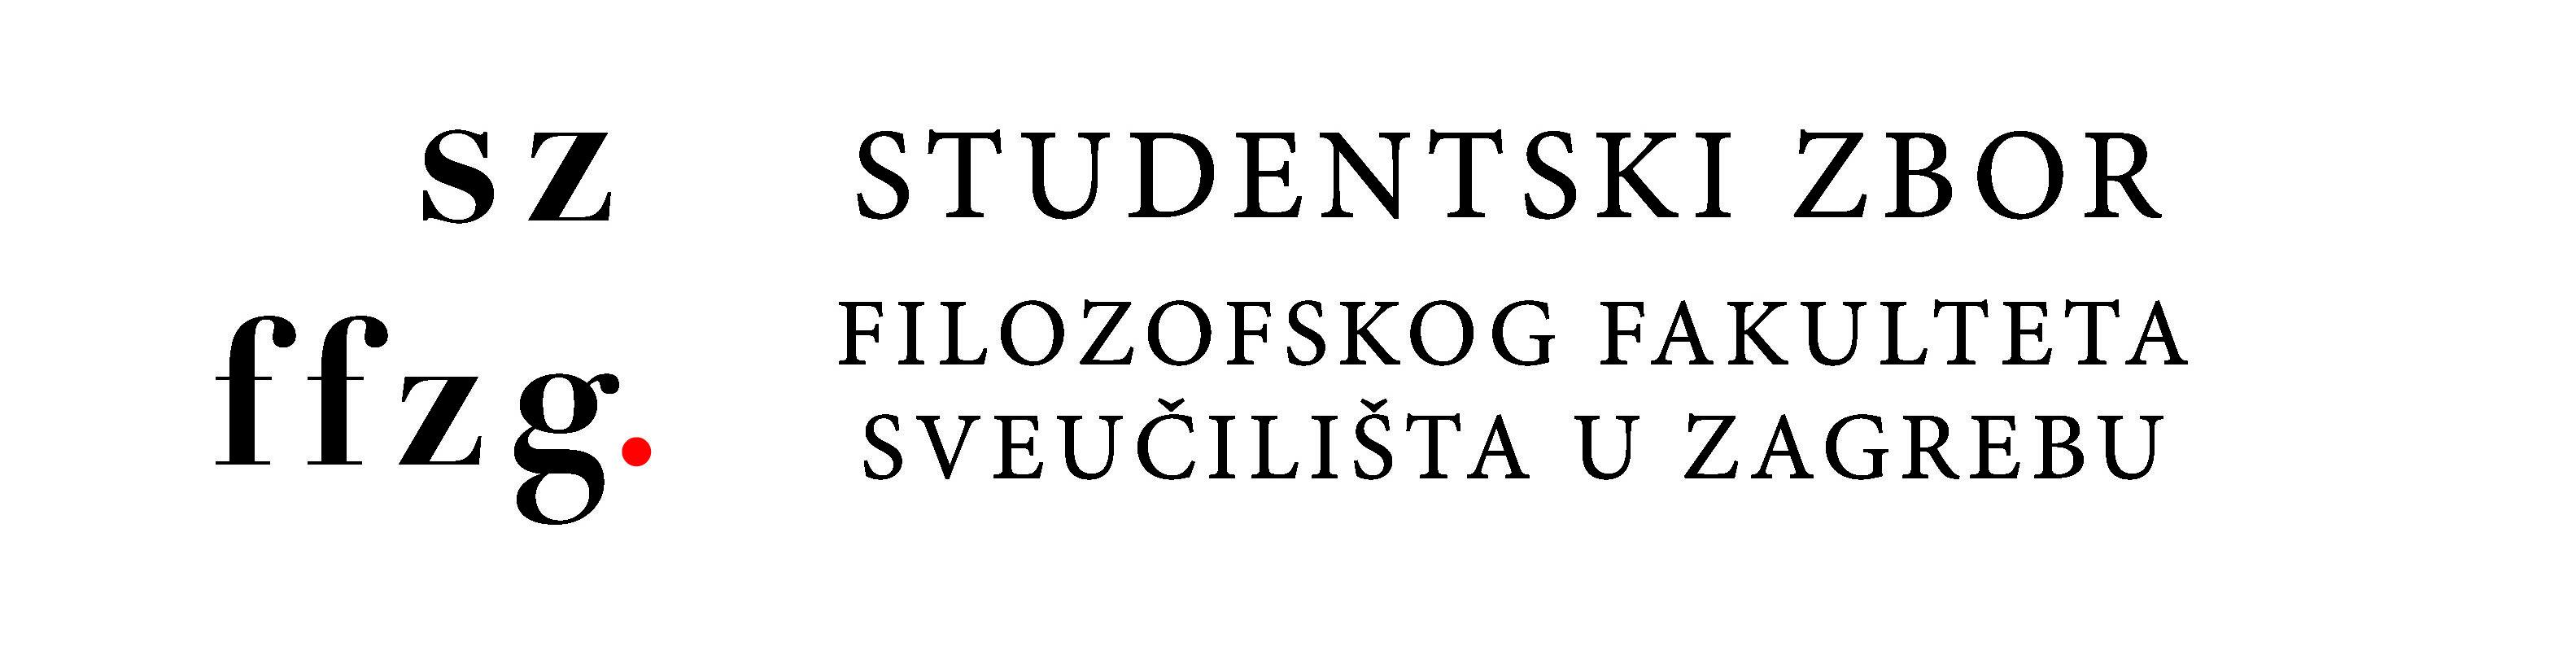 Studentski zbor Filozofskog fakulteta Sveučilišta u Zagrebu